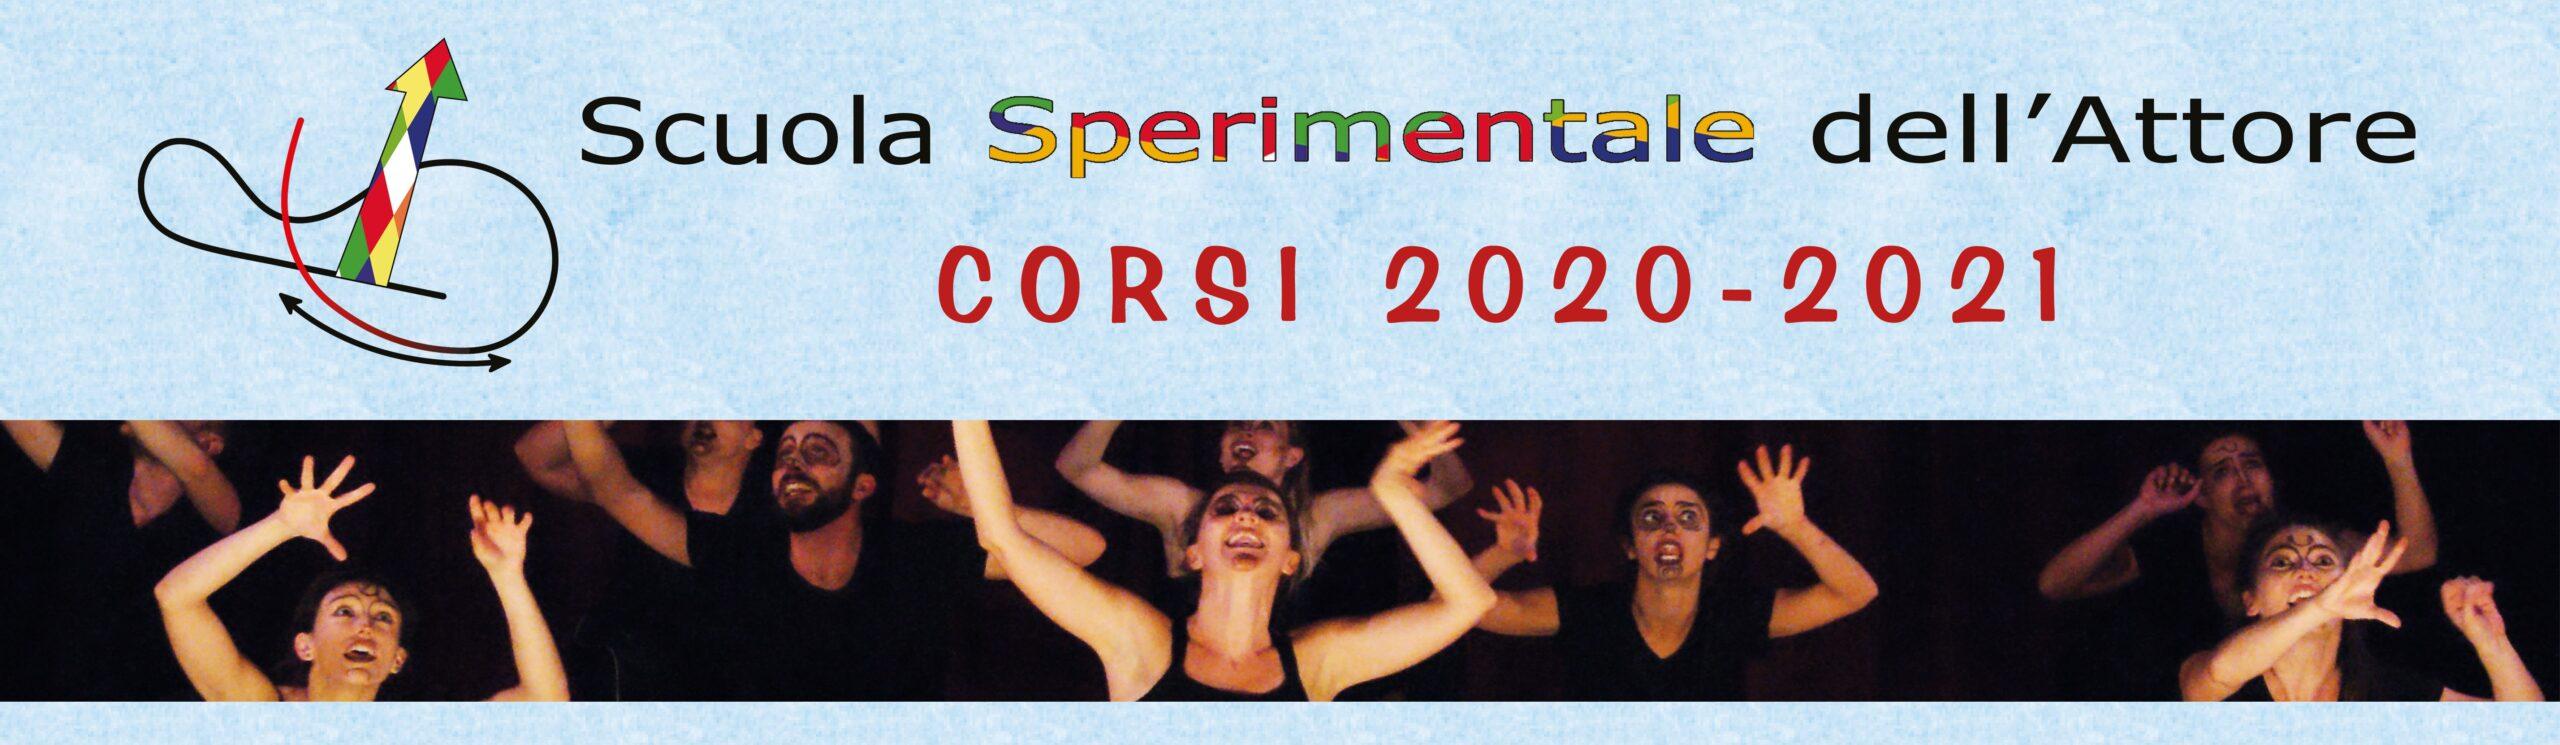 Corsi 2020-2021